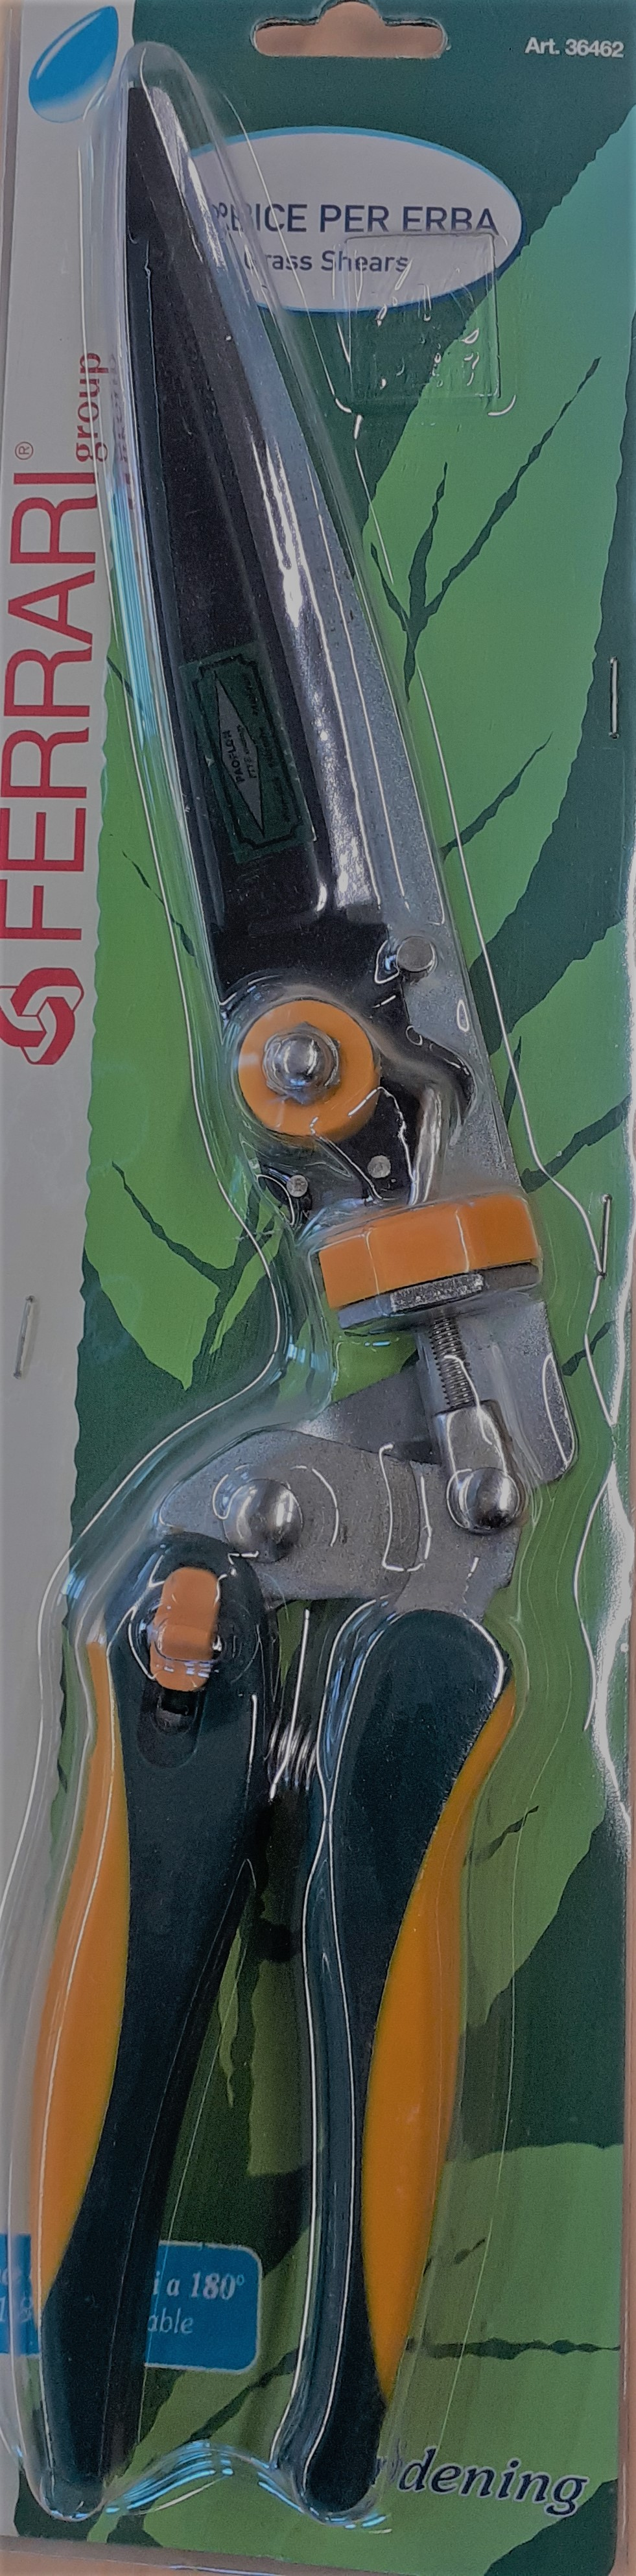 Ruohosakset, pituus 37 cm, kiertyvä terä, kelta-vihreä, pak